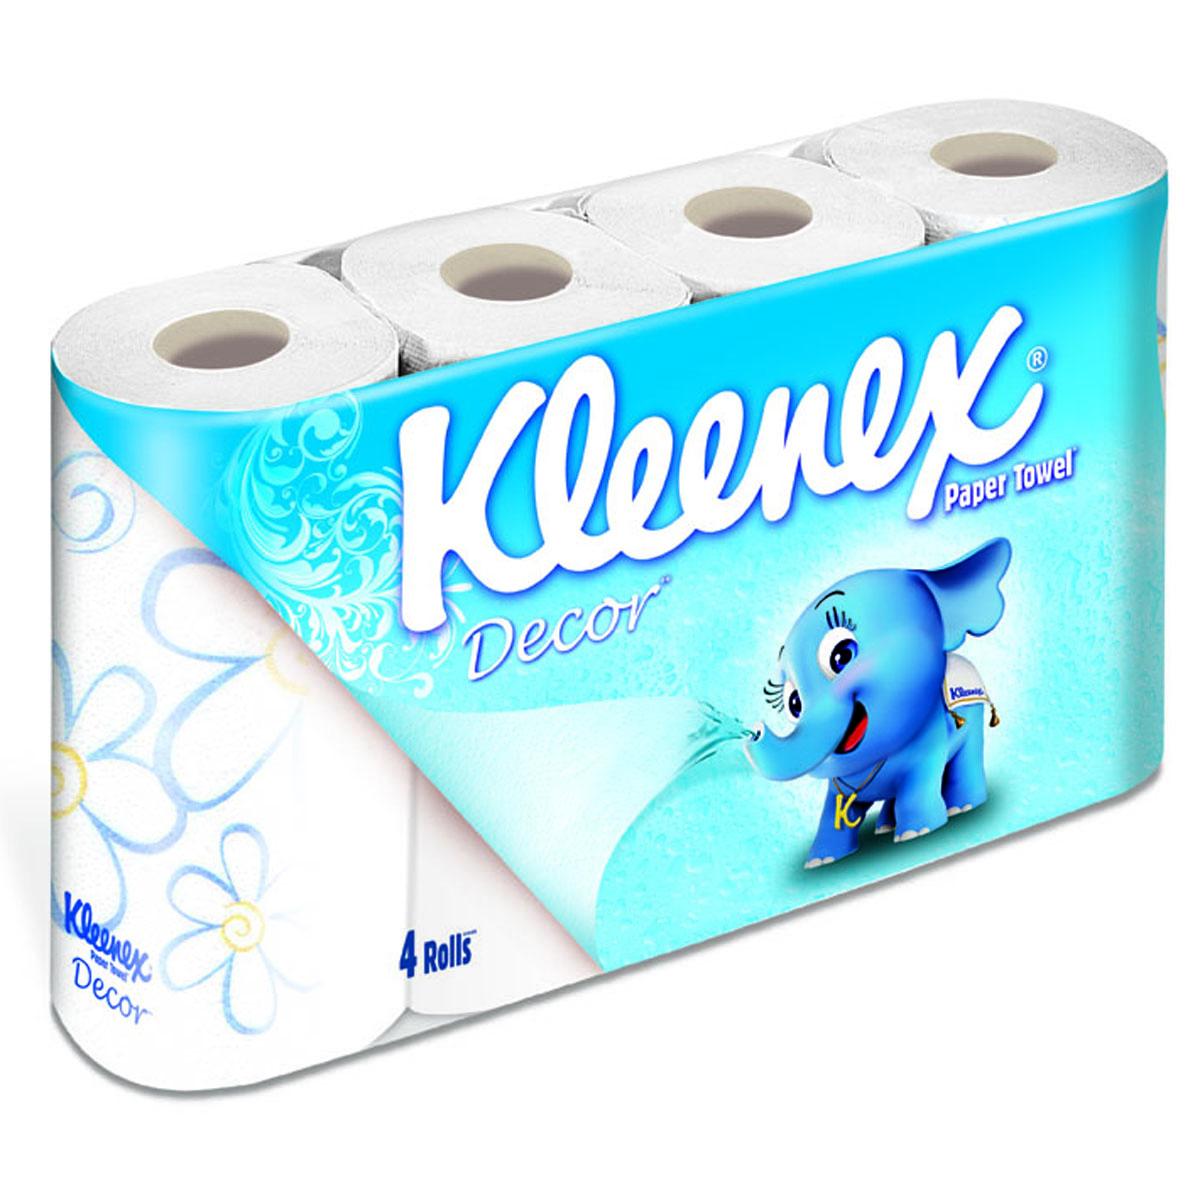 Полотенца бумажные Kleenex декор (2 слоя) 4 шт